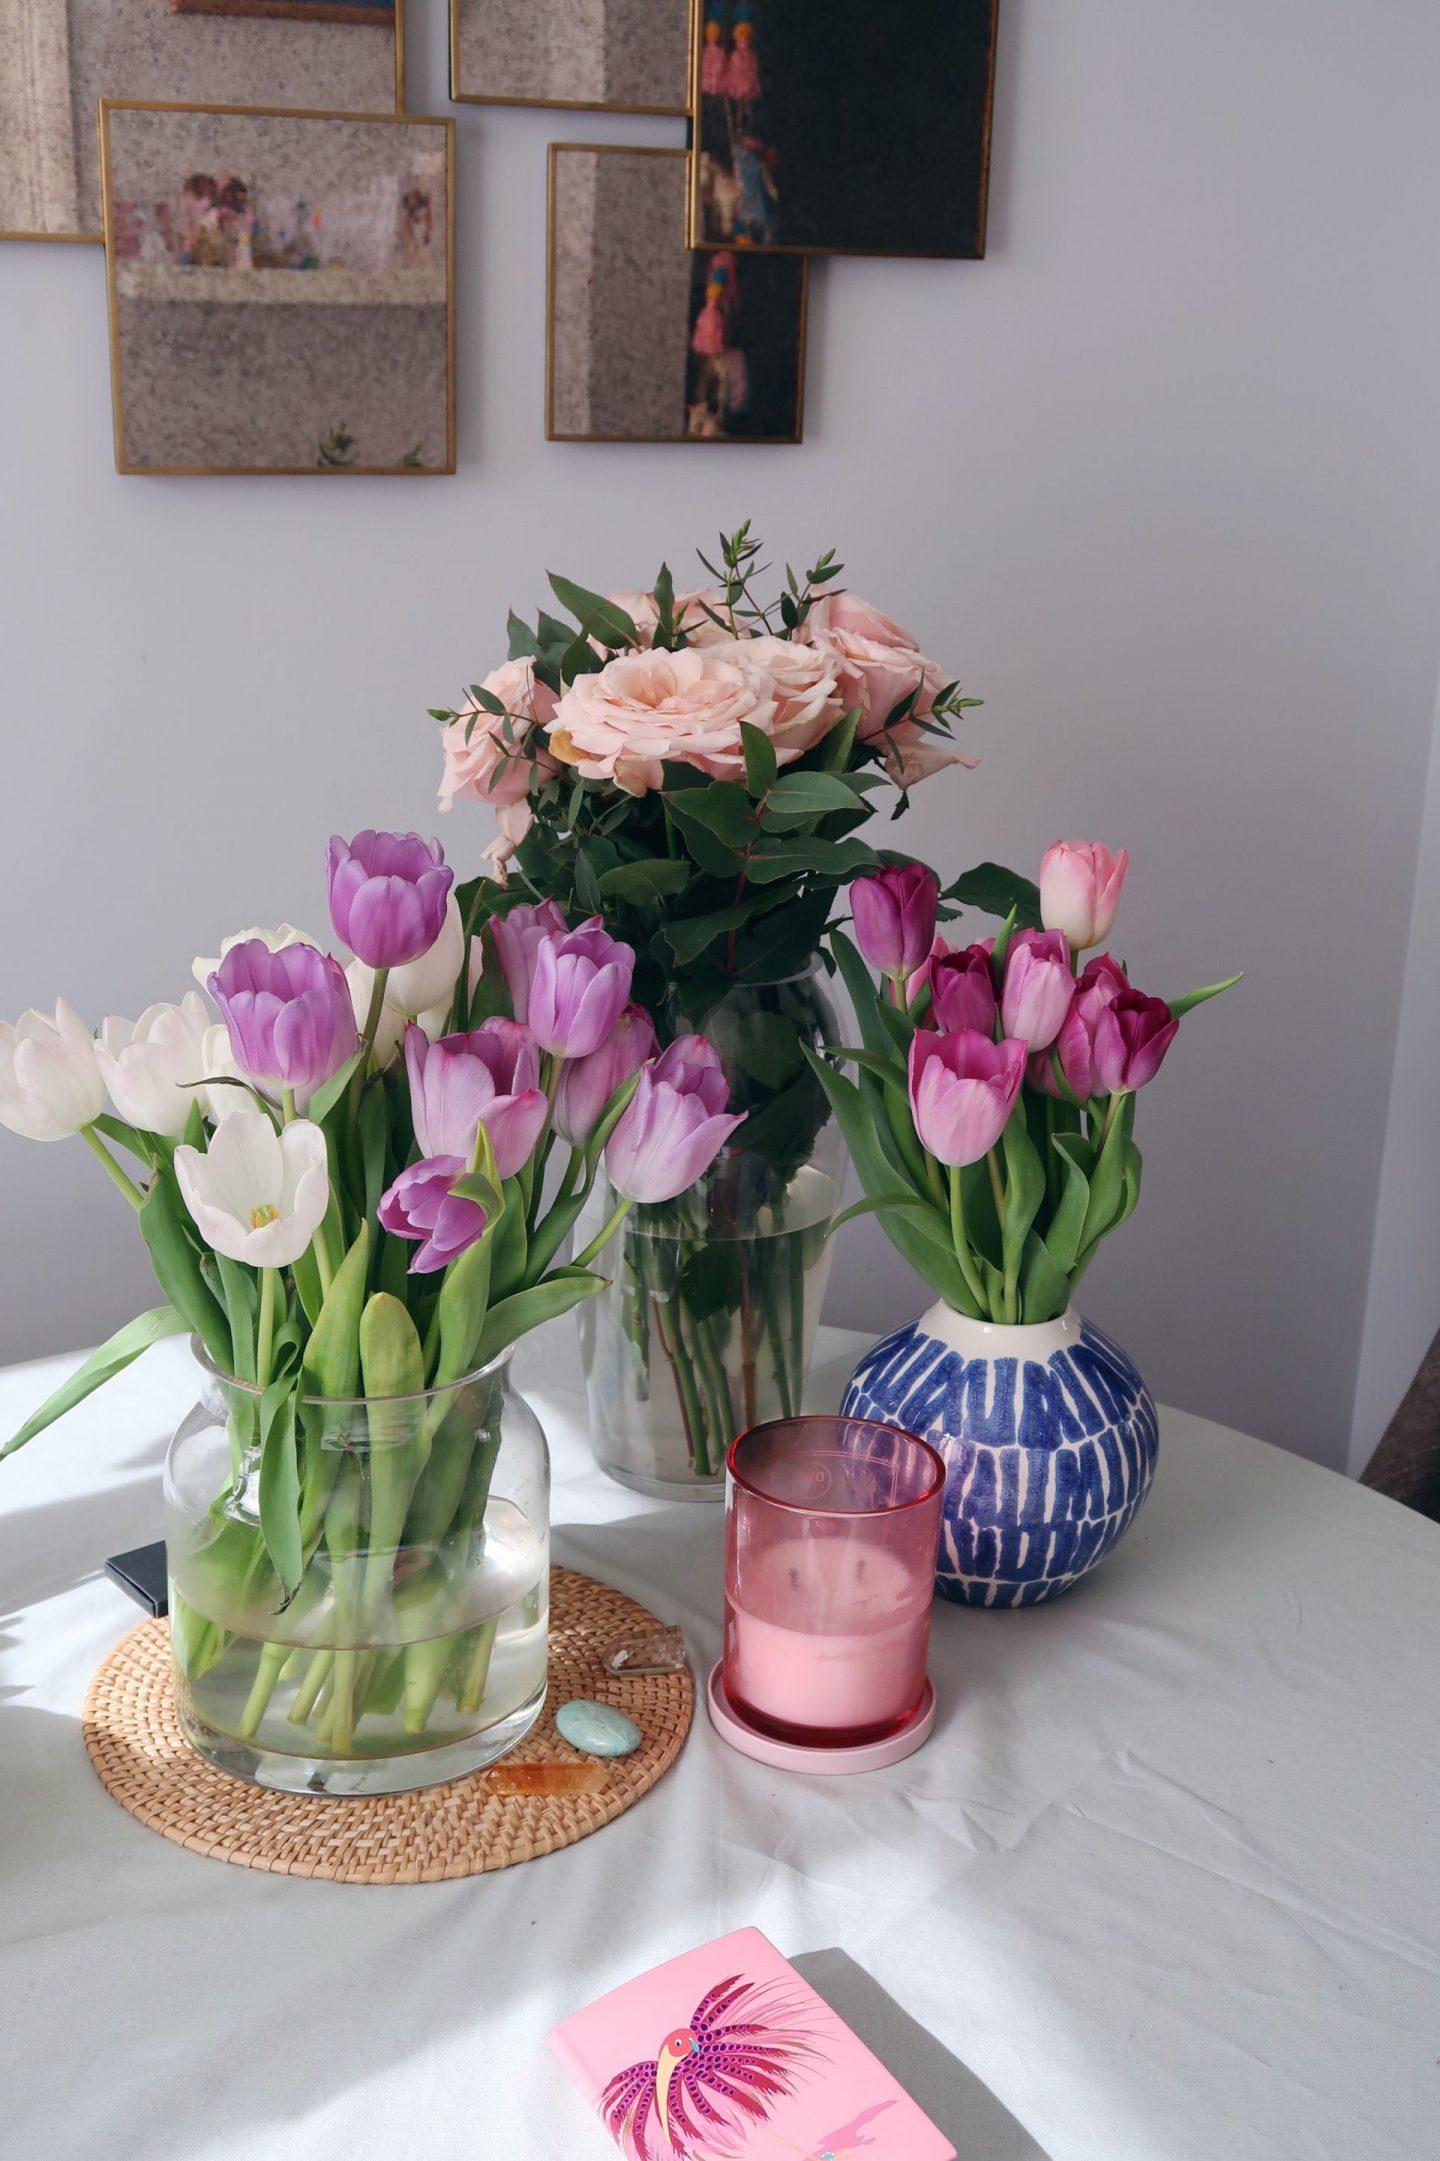 Blooms of Lock Down + Good Vases